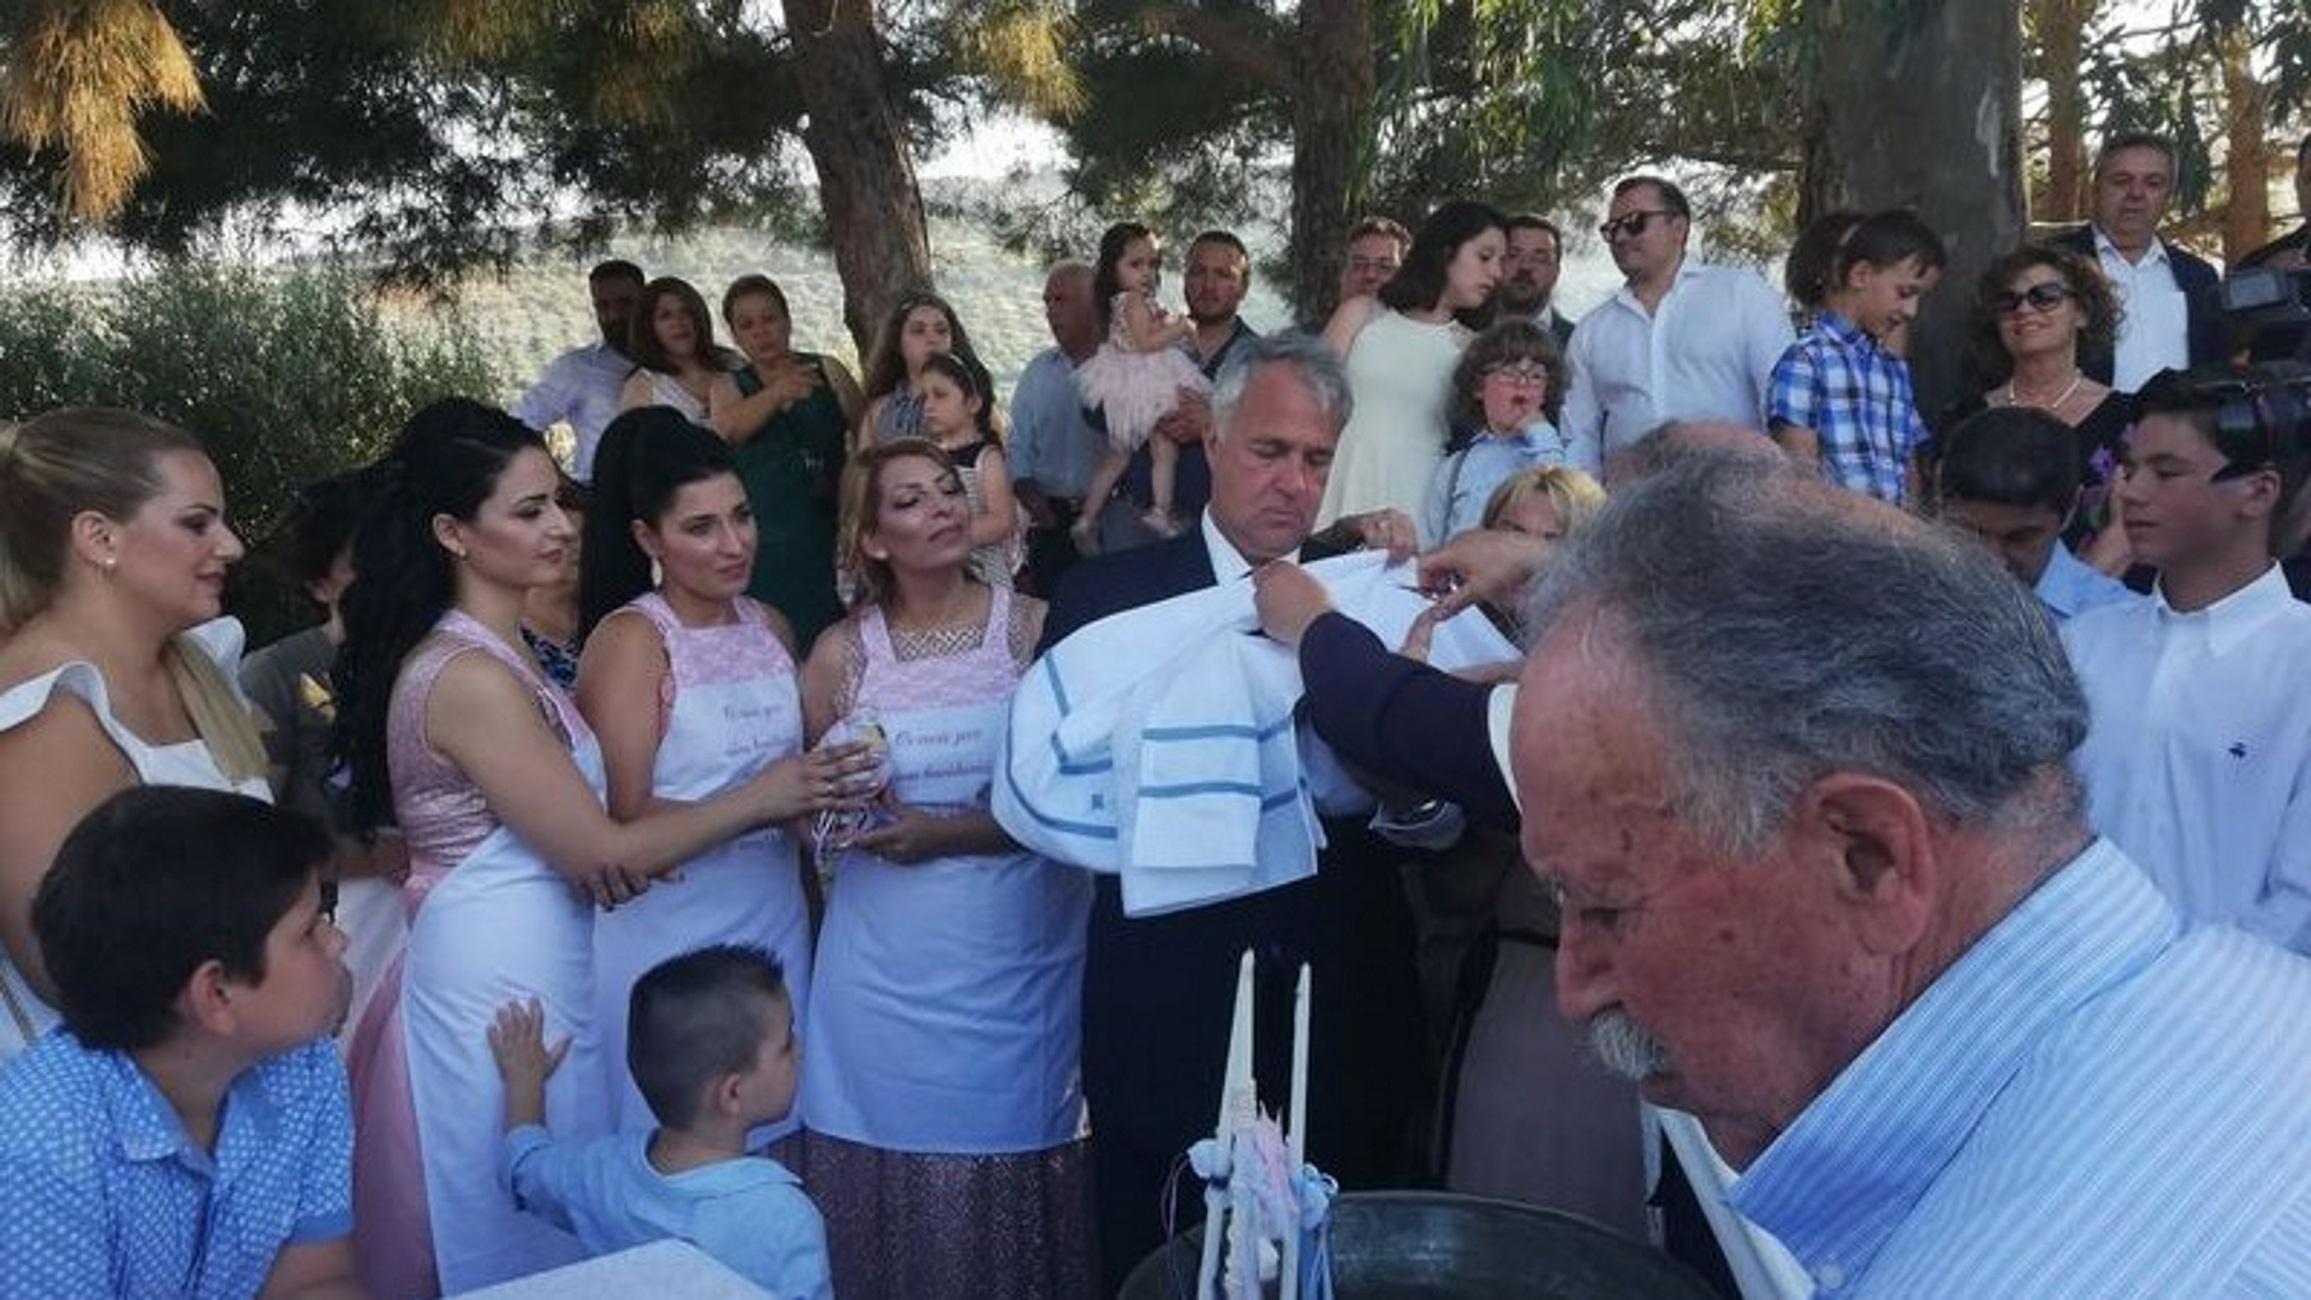 Κρήτη: Νονός ο Μάκης Βορίδης! Η βάπτιση και τα αντικριστά που συζητήθηκαν (Φωτό)